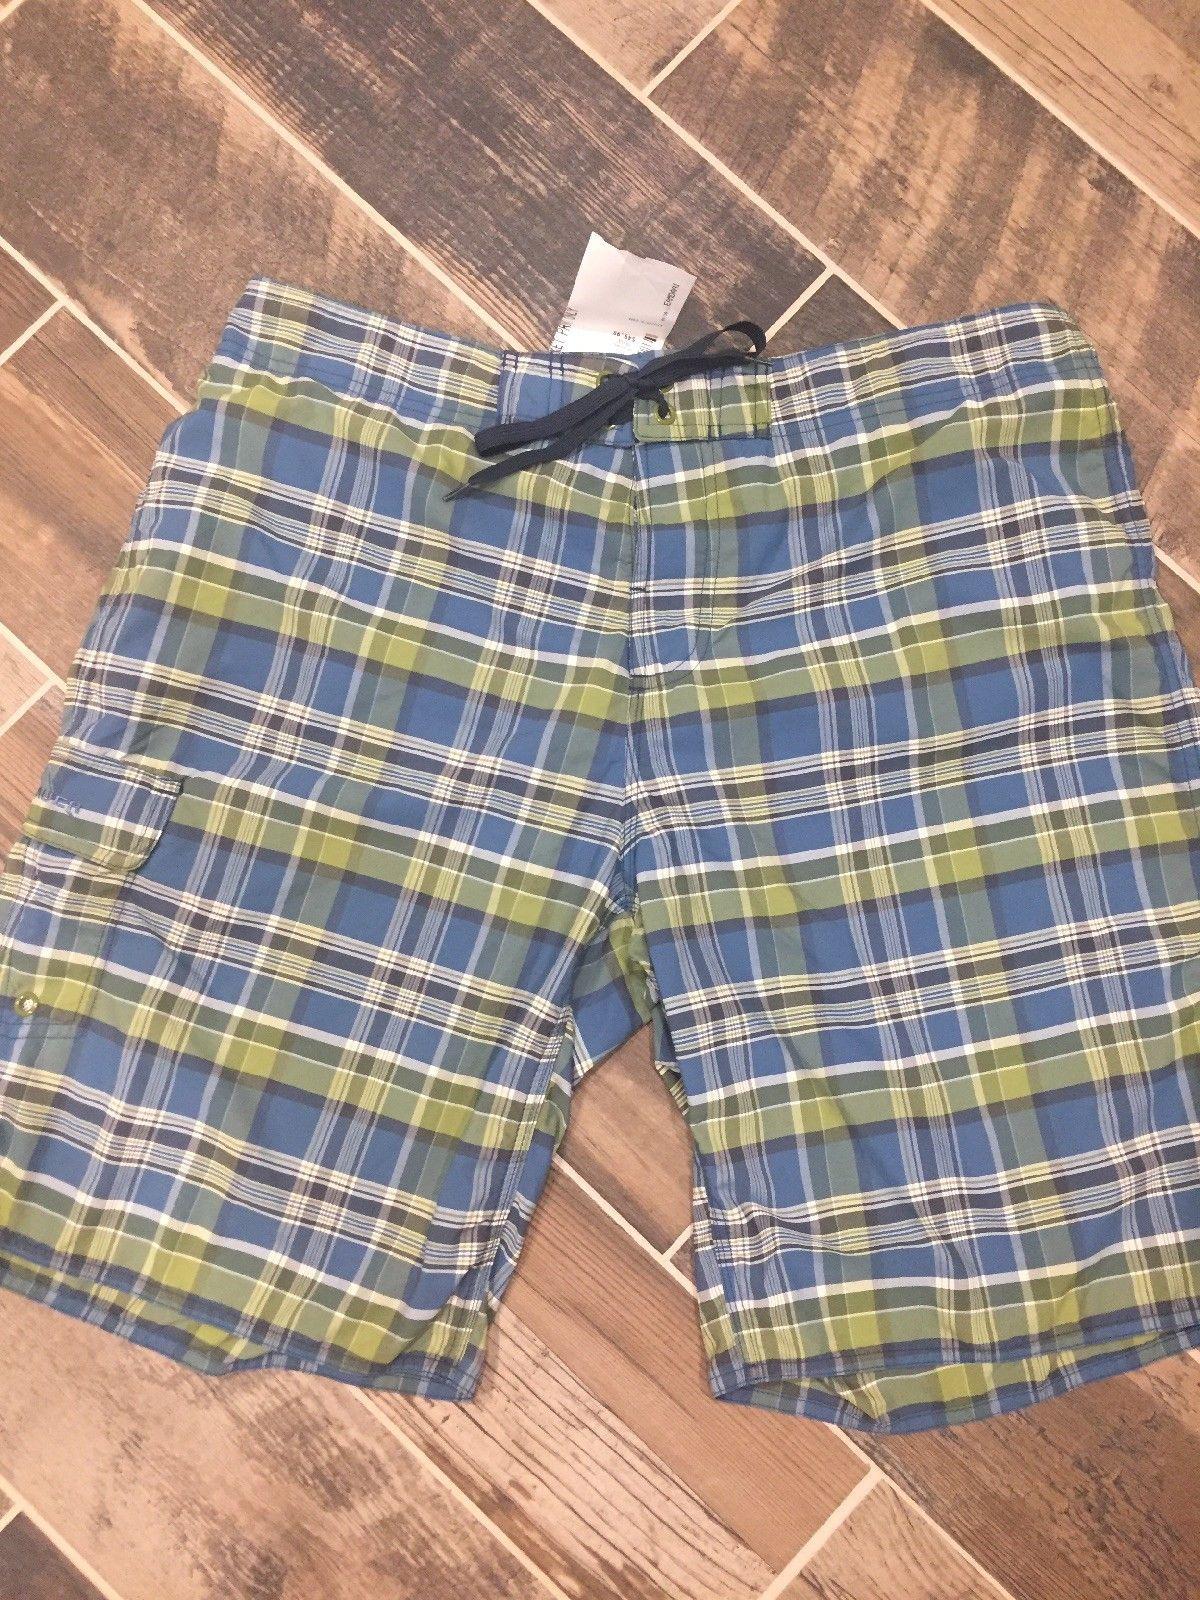 da1a741cb9 New Eddie Bauer Men's XL Cadet Green Swim Trunks Bathing Suit Board Shorts  Plaid #Bathing